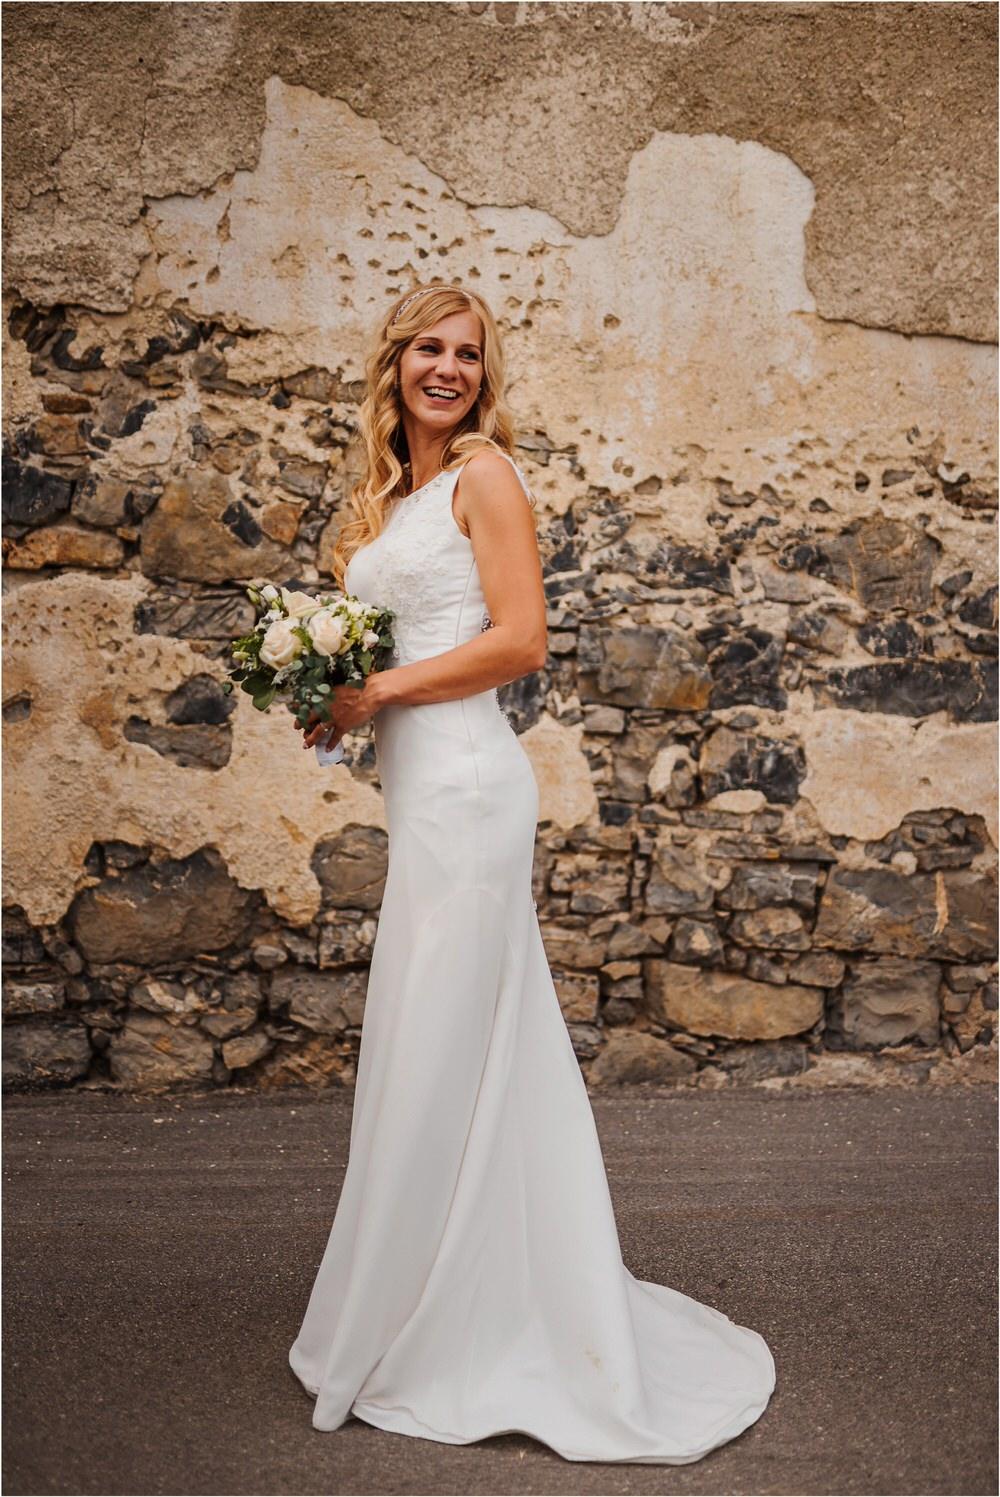 tri lucke slovenija krsko posavje poroka porocni fotograf fotografiranje elegantna poroka vinograd classy elegant wedding slovenia 0055.jpg